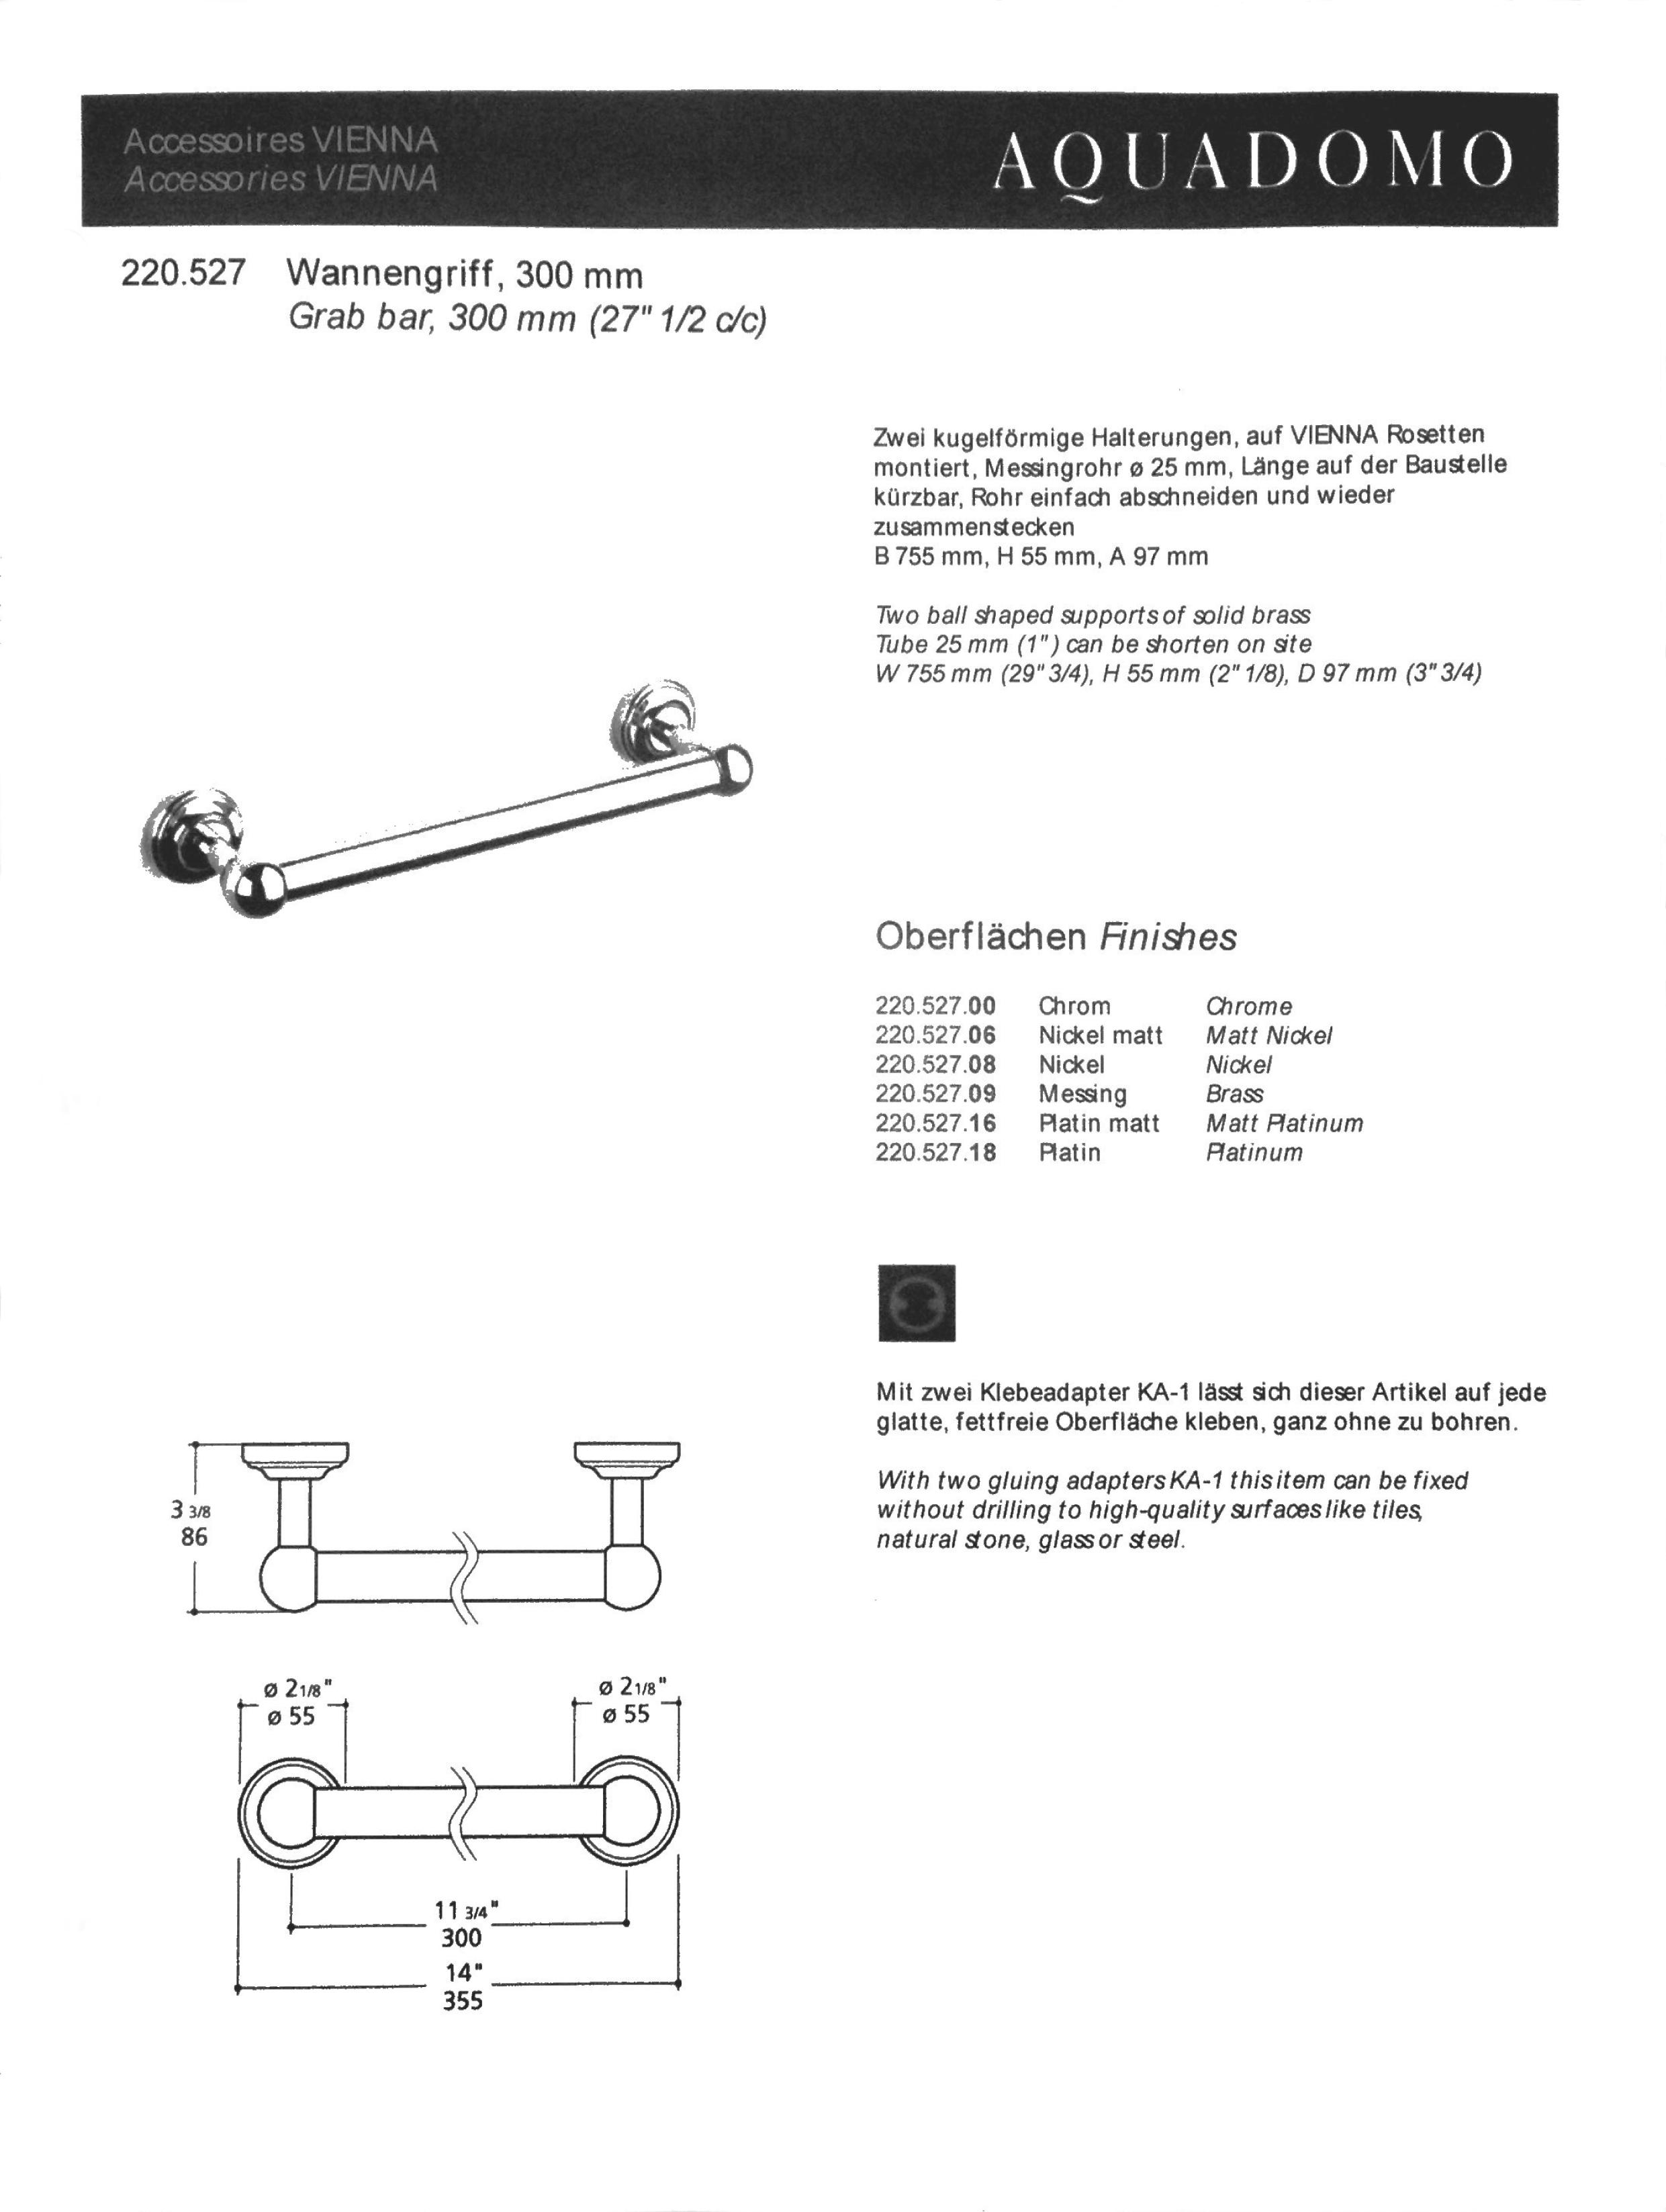 Aquadomo VIENNA Grip rail, 3o x 8,6cm proj.jpg